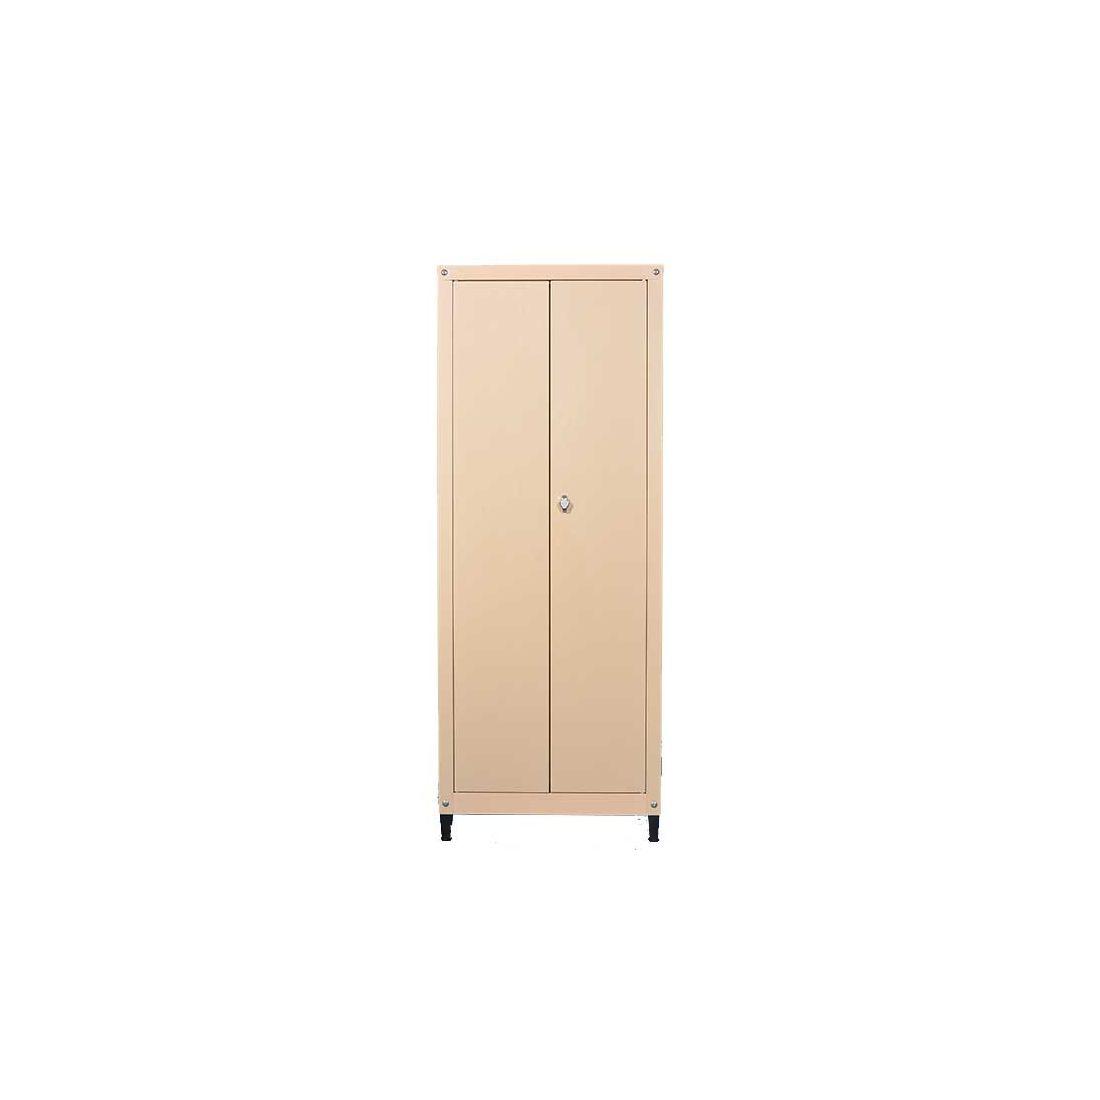 armoire metallique pour balcon et jardin 155 60 cm a 891 00 maintenant chez confort jardin